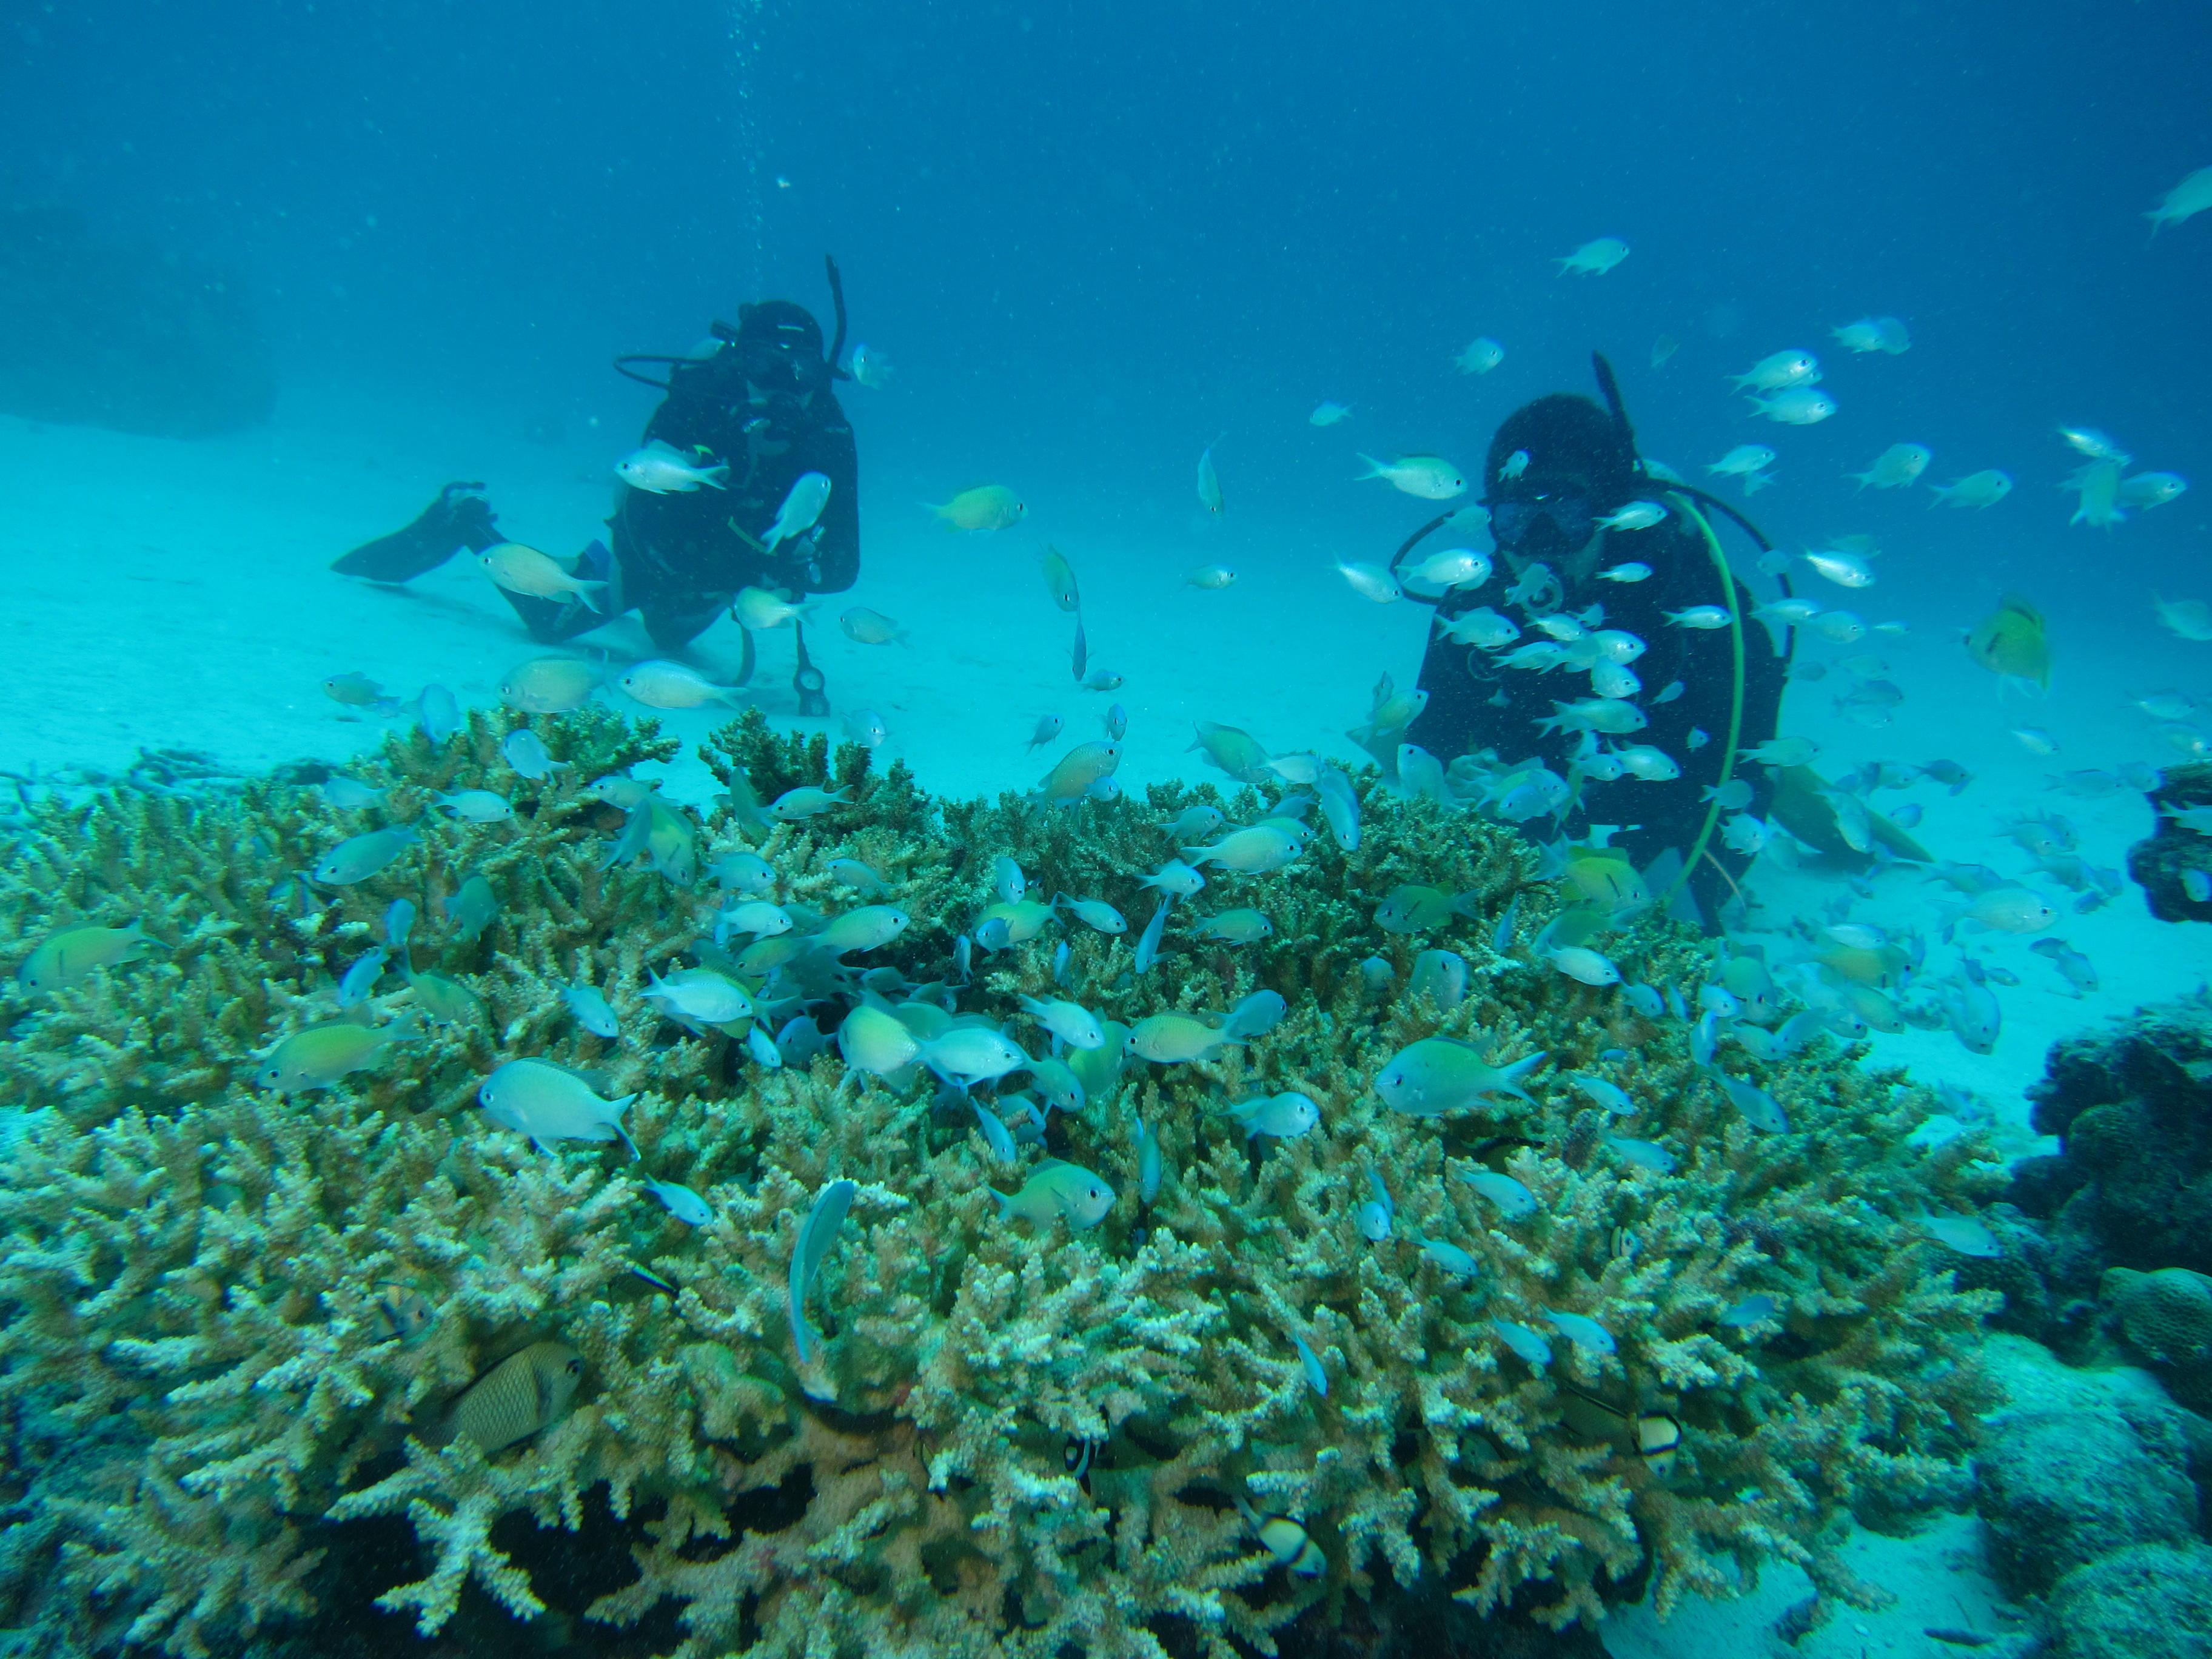 沖縄の海を熟知したベテランインストラクターがライセンス講習を担当します